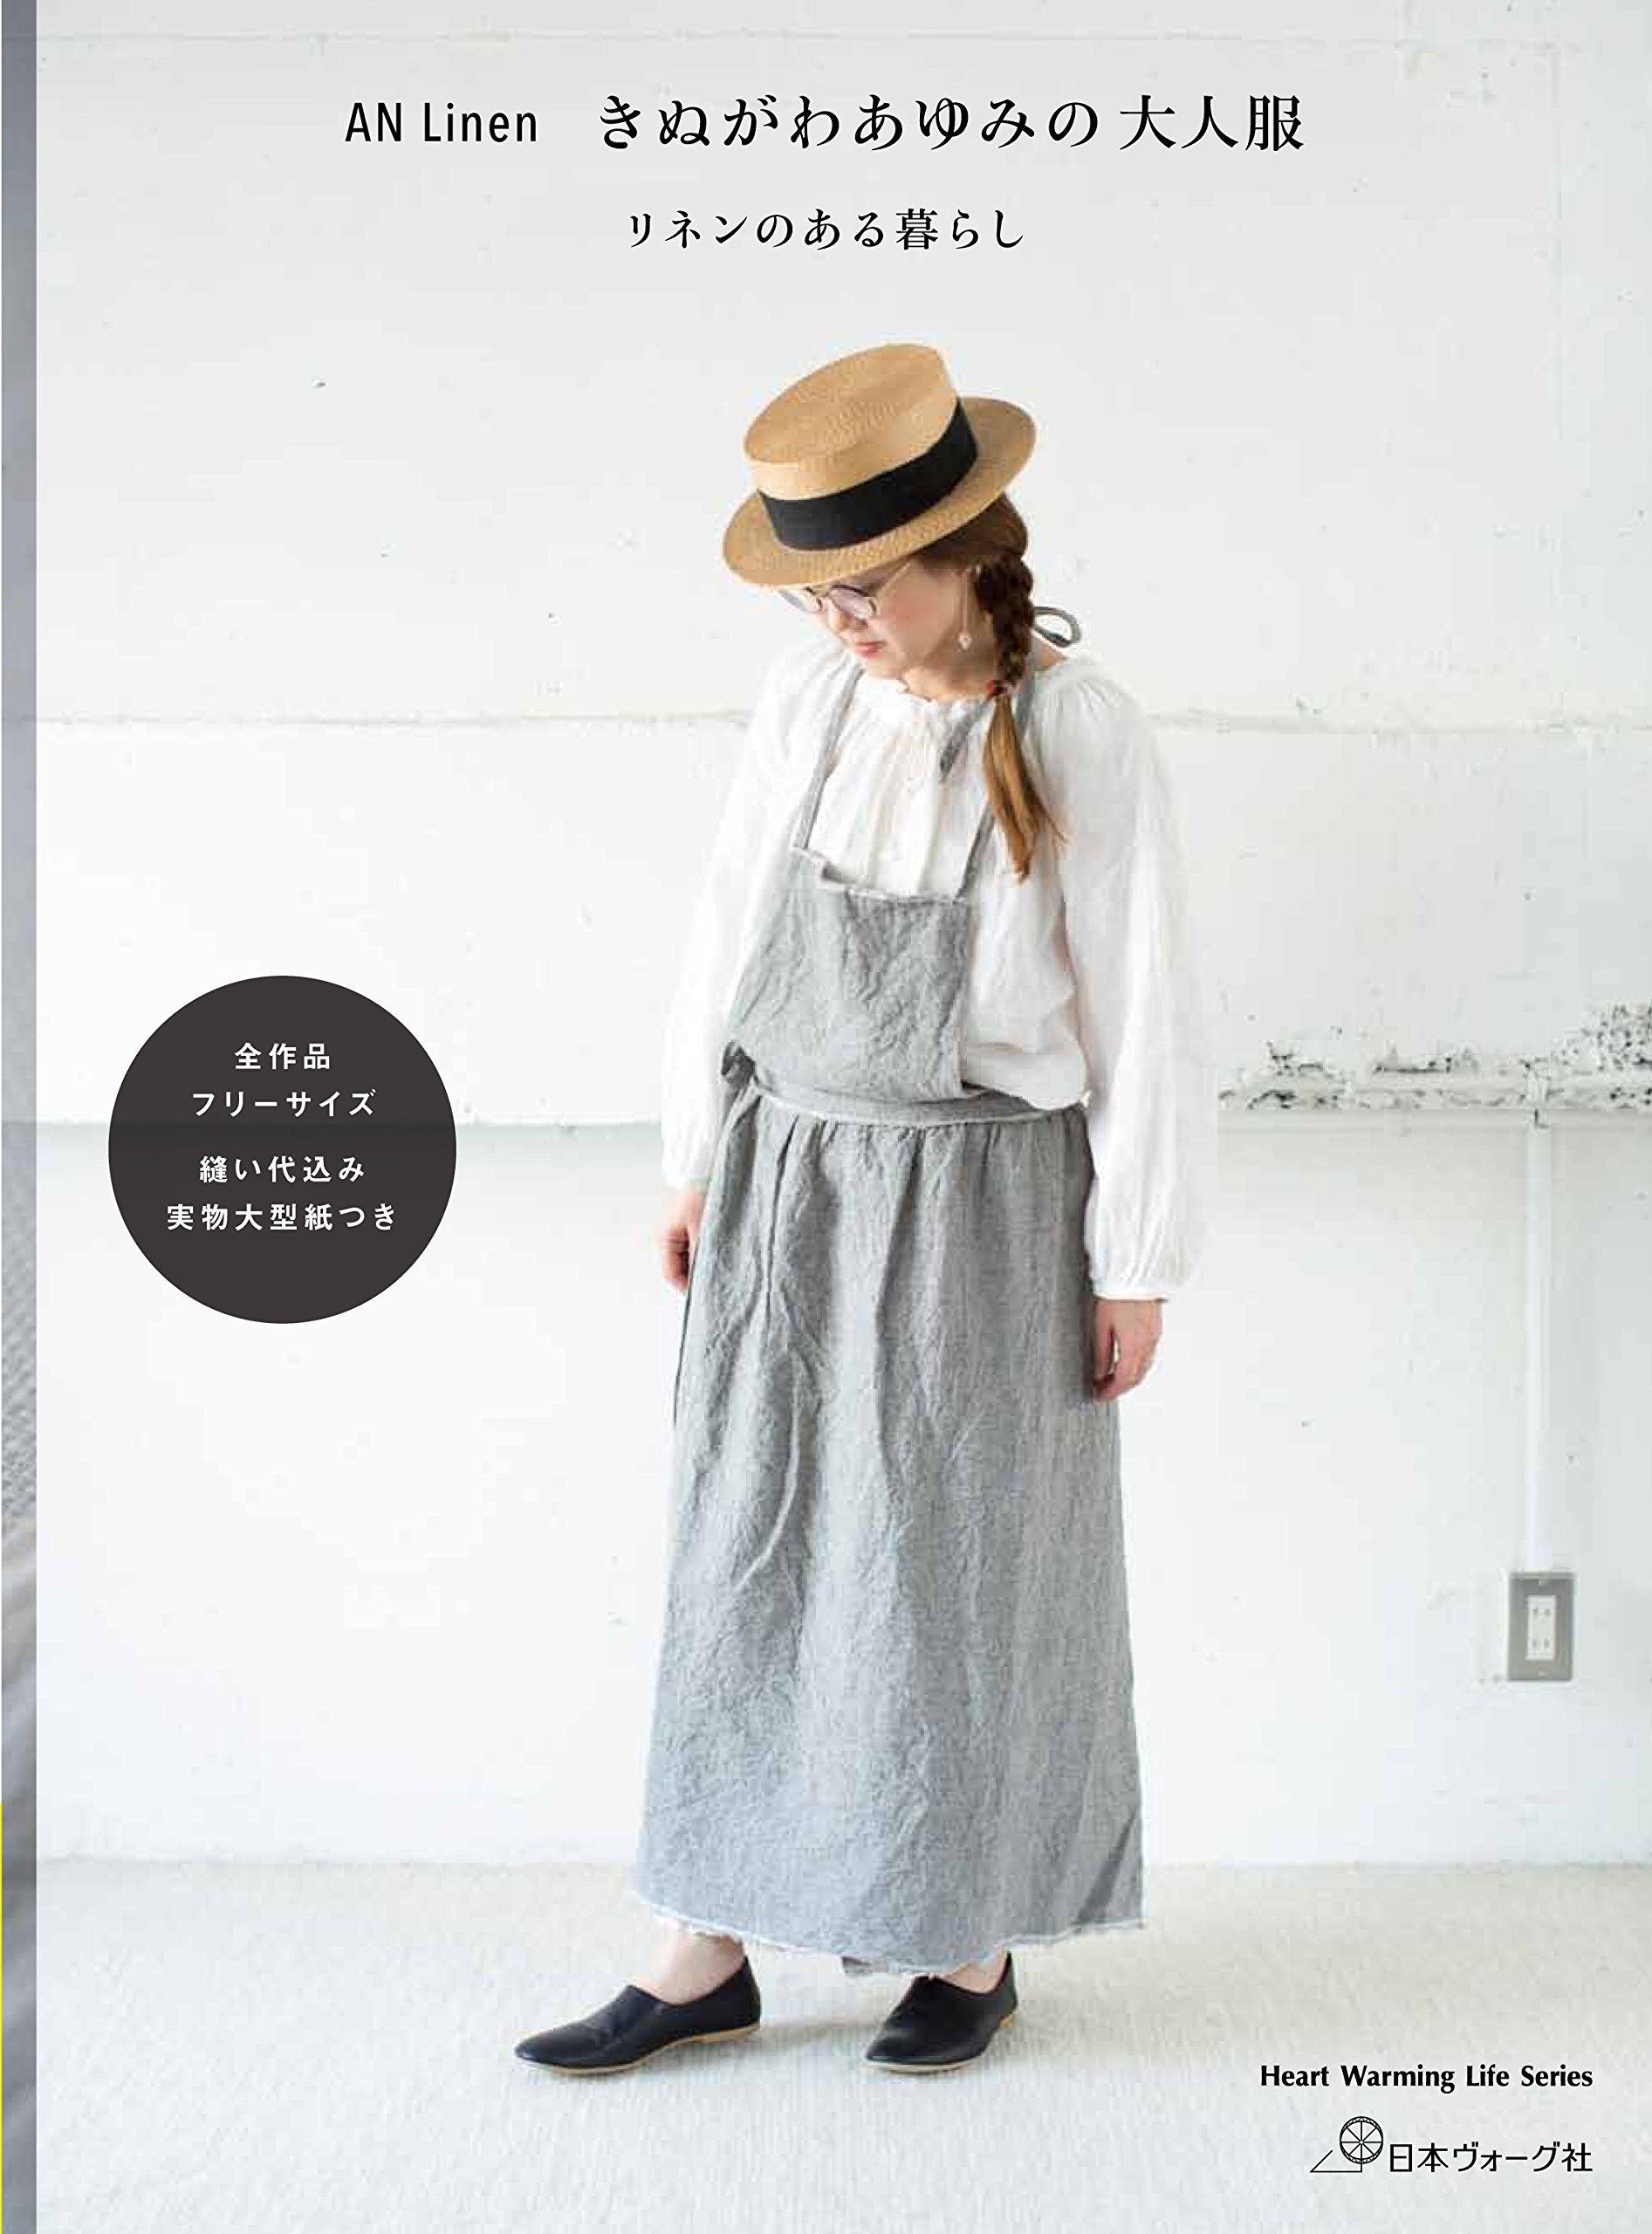 AN Linen - Adult Clothing Mook by Kimuwa Ayumi